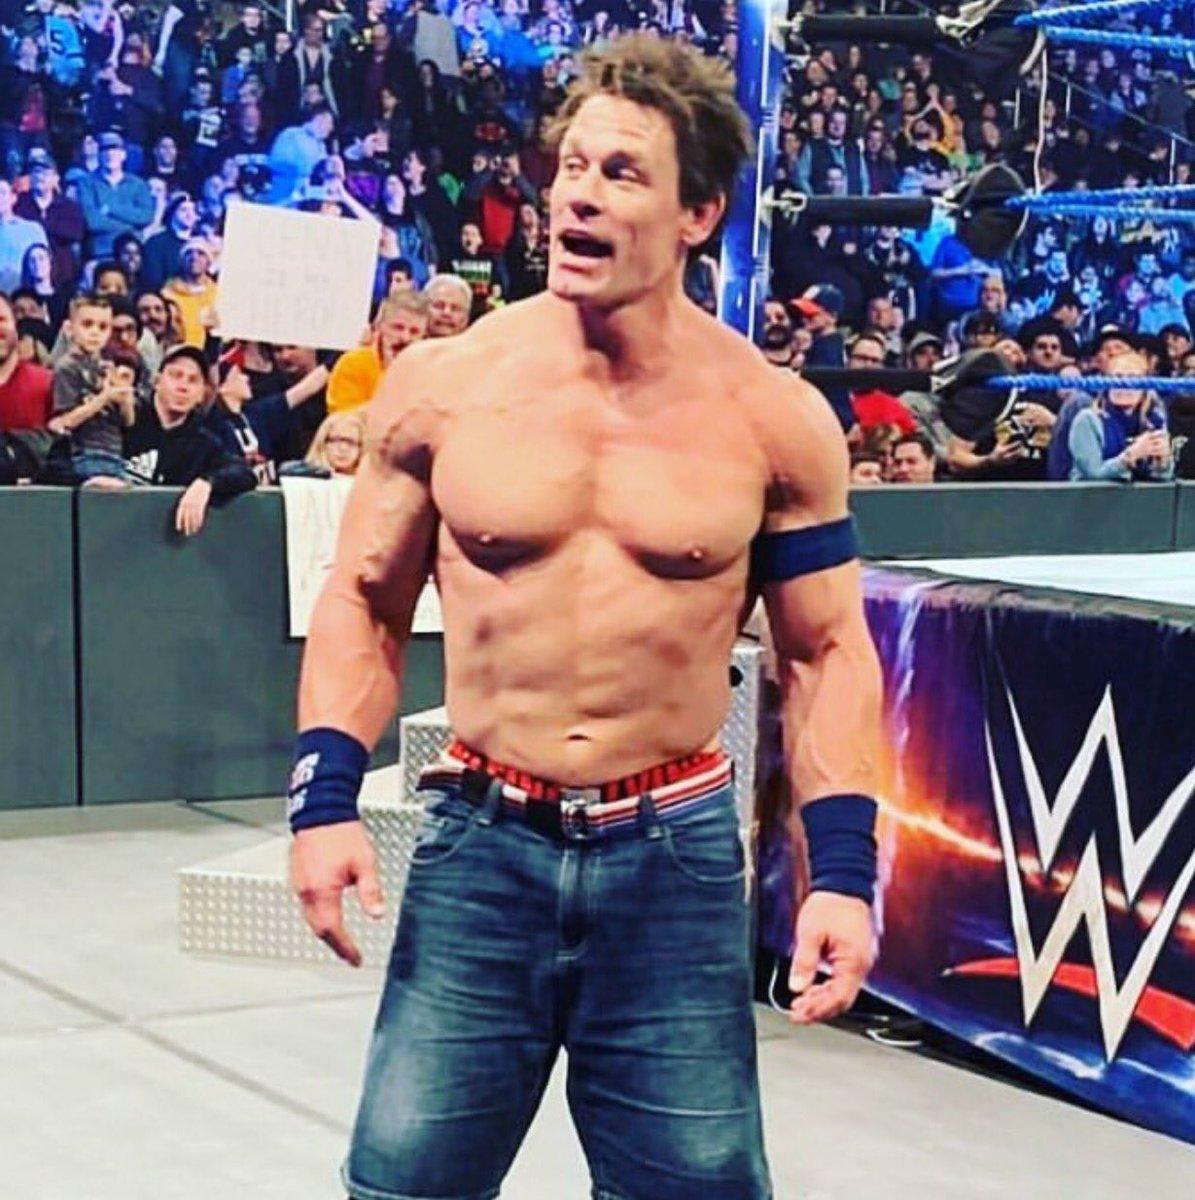 John Cena żartuje sobie z własnej fryzury po SmackDown, odpowiedź na tweeta Becky Lynch